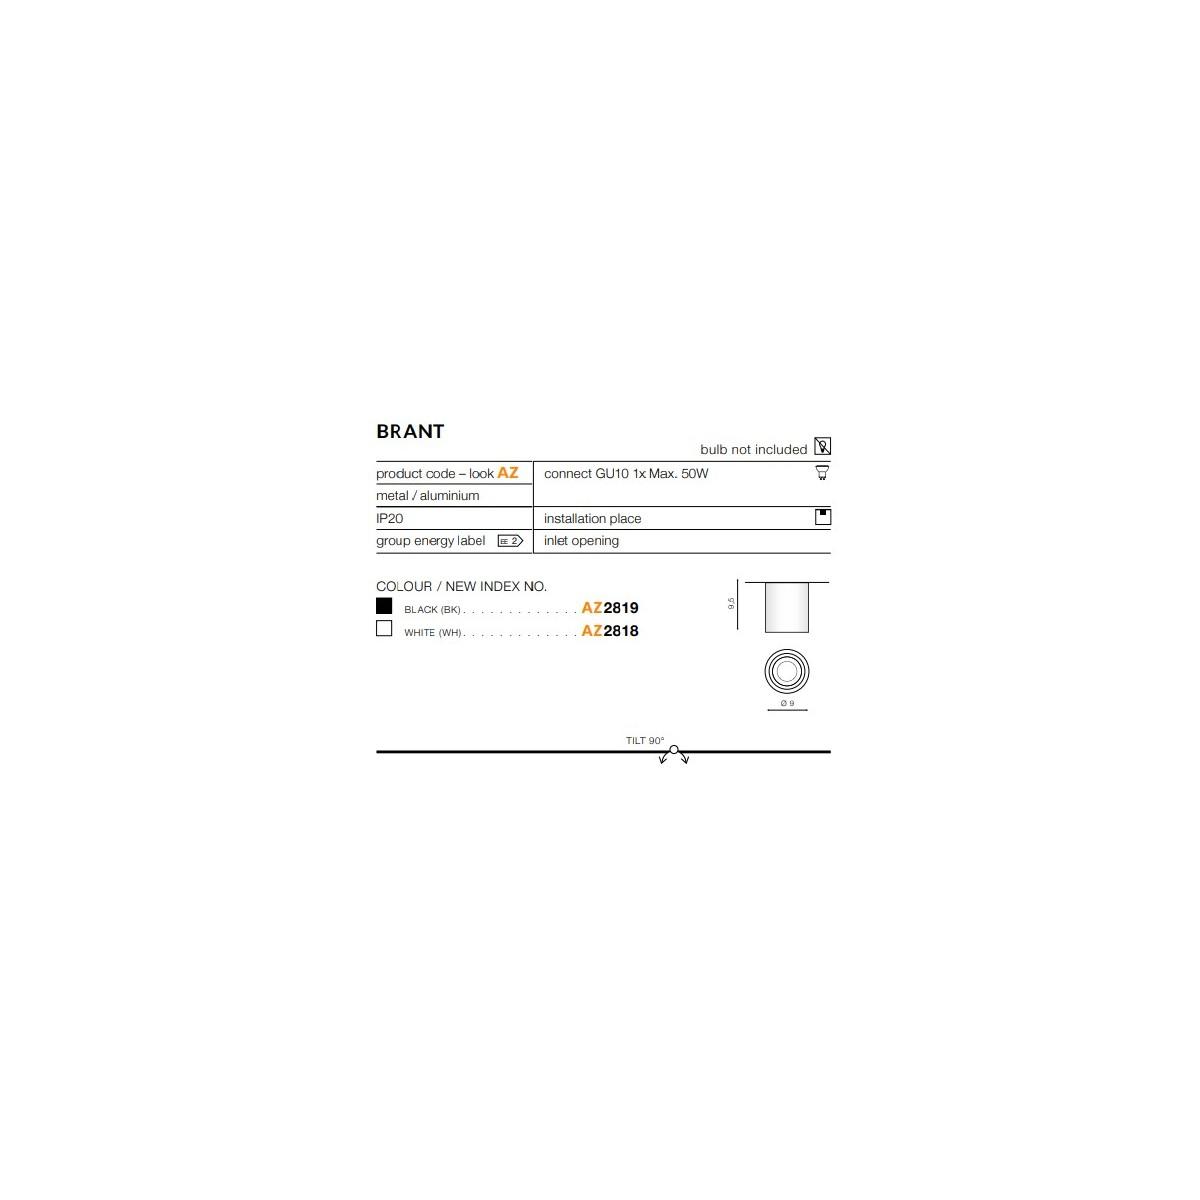 Azzardo BRANT WHITE 1xGU10 Natynkowa Biały AZ2818